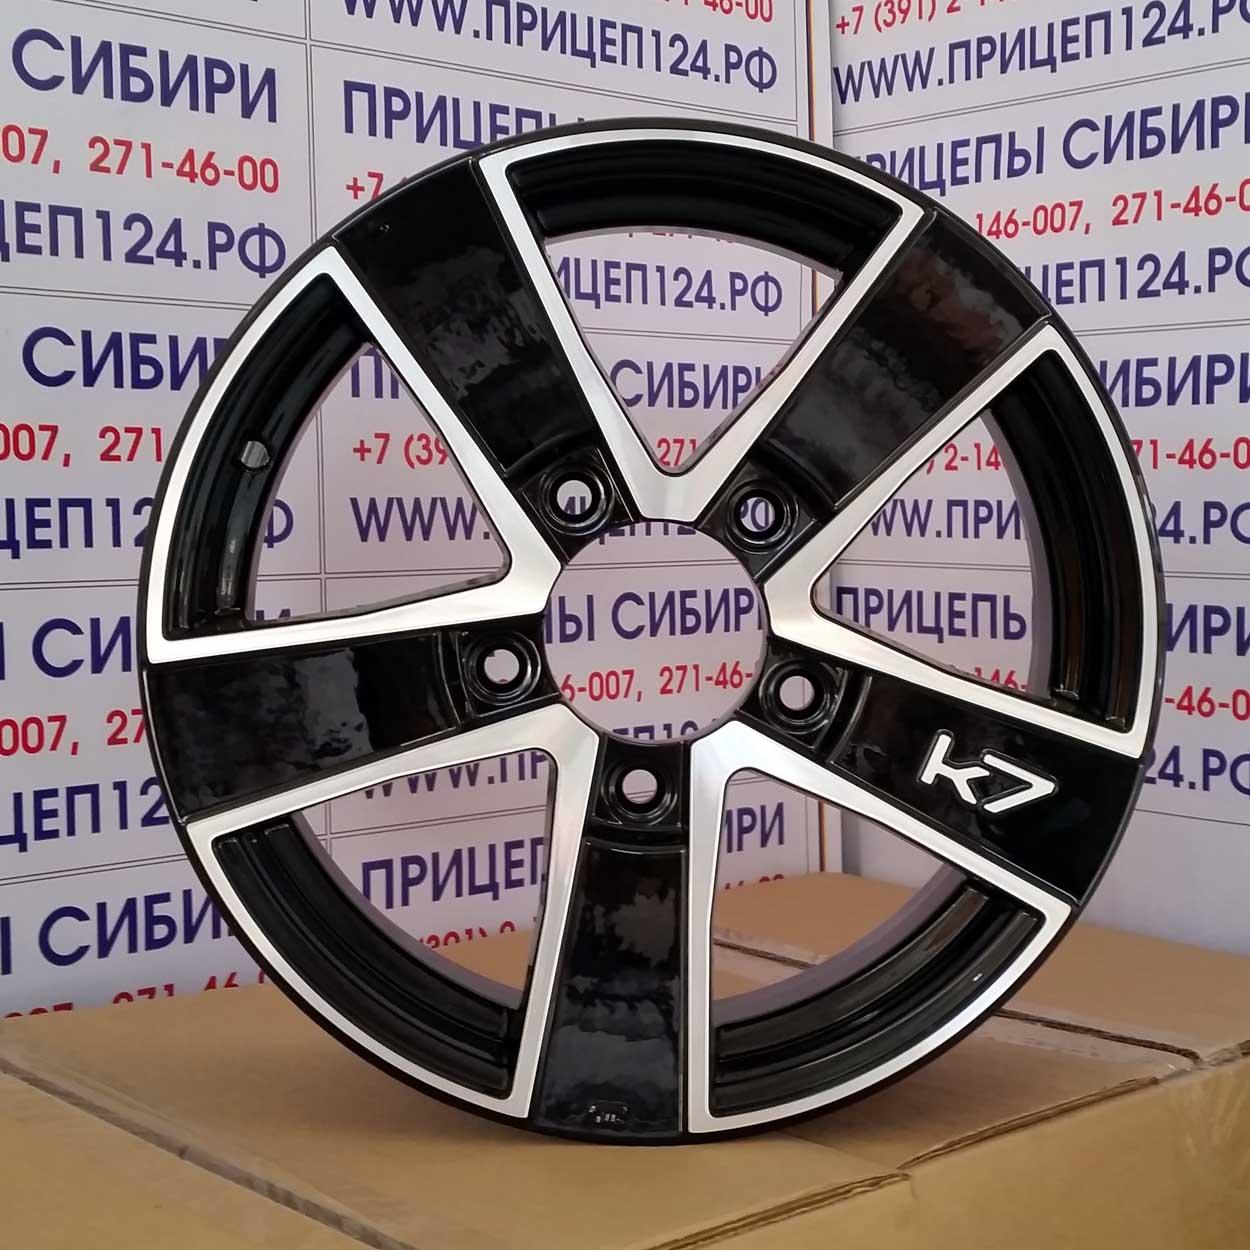 Литые диски КиК, R16 K-97 Колумб